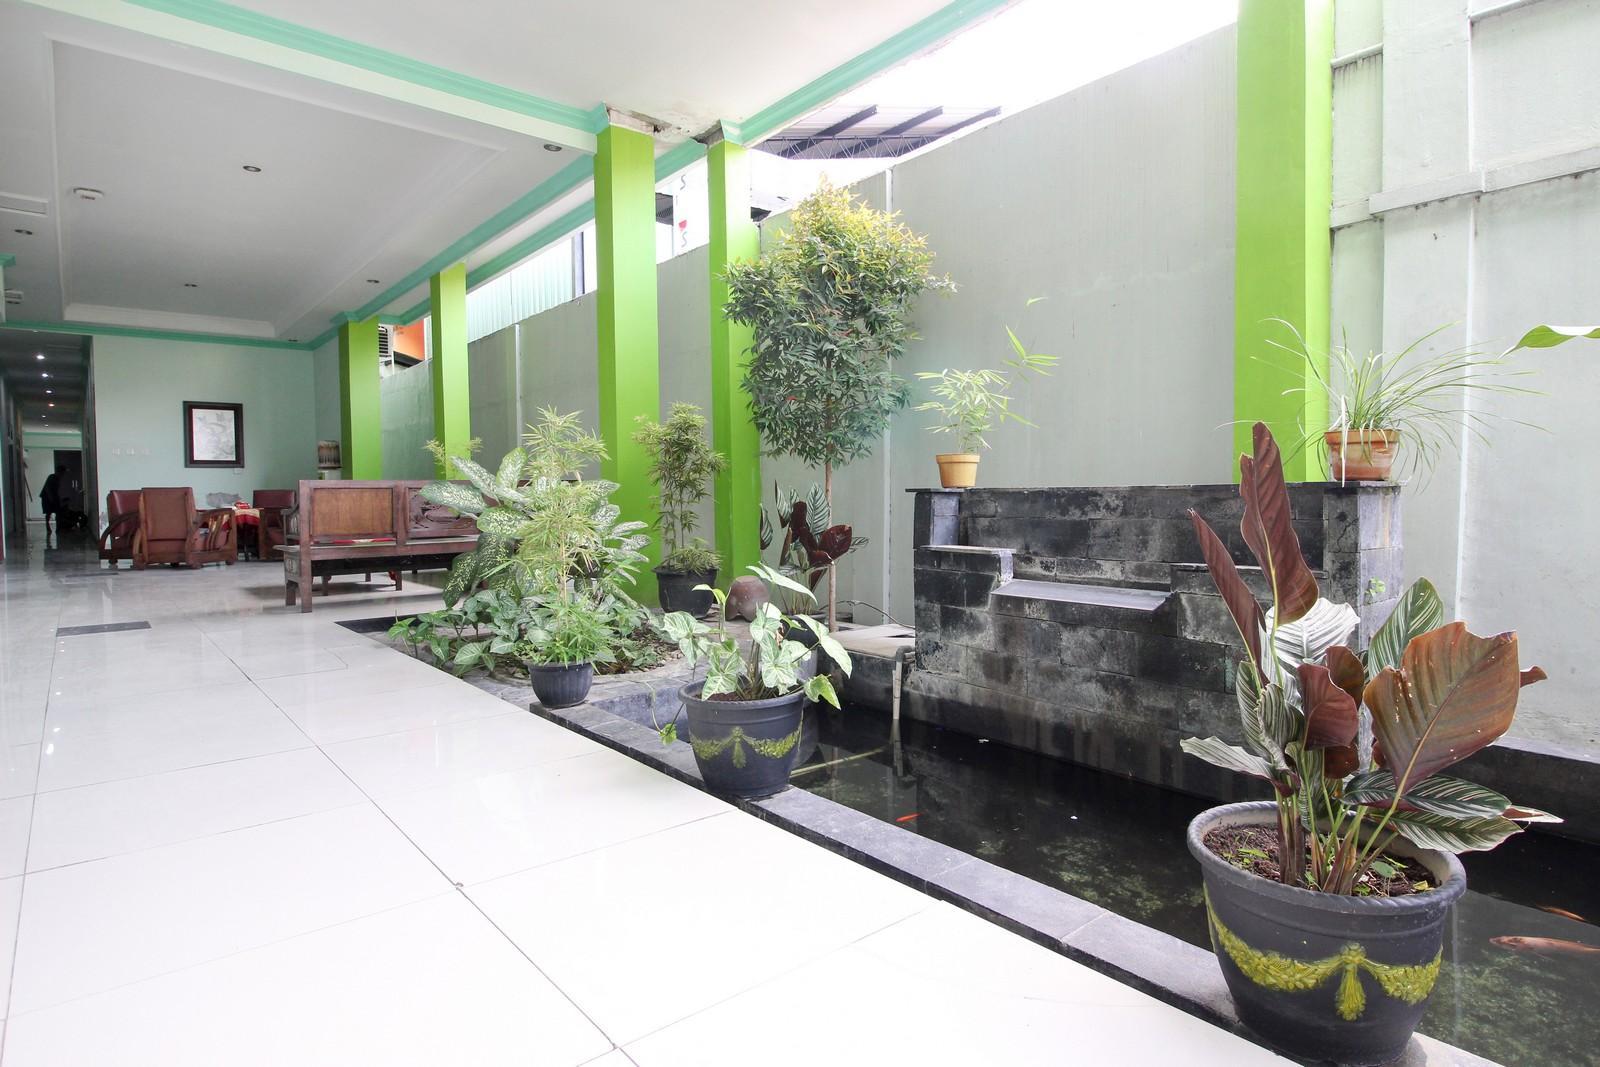 Hotel Delta, Yogyakarta